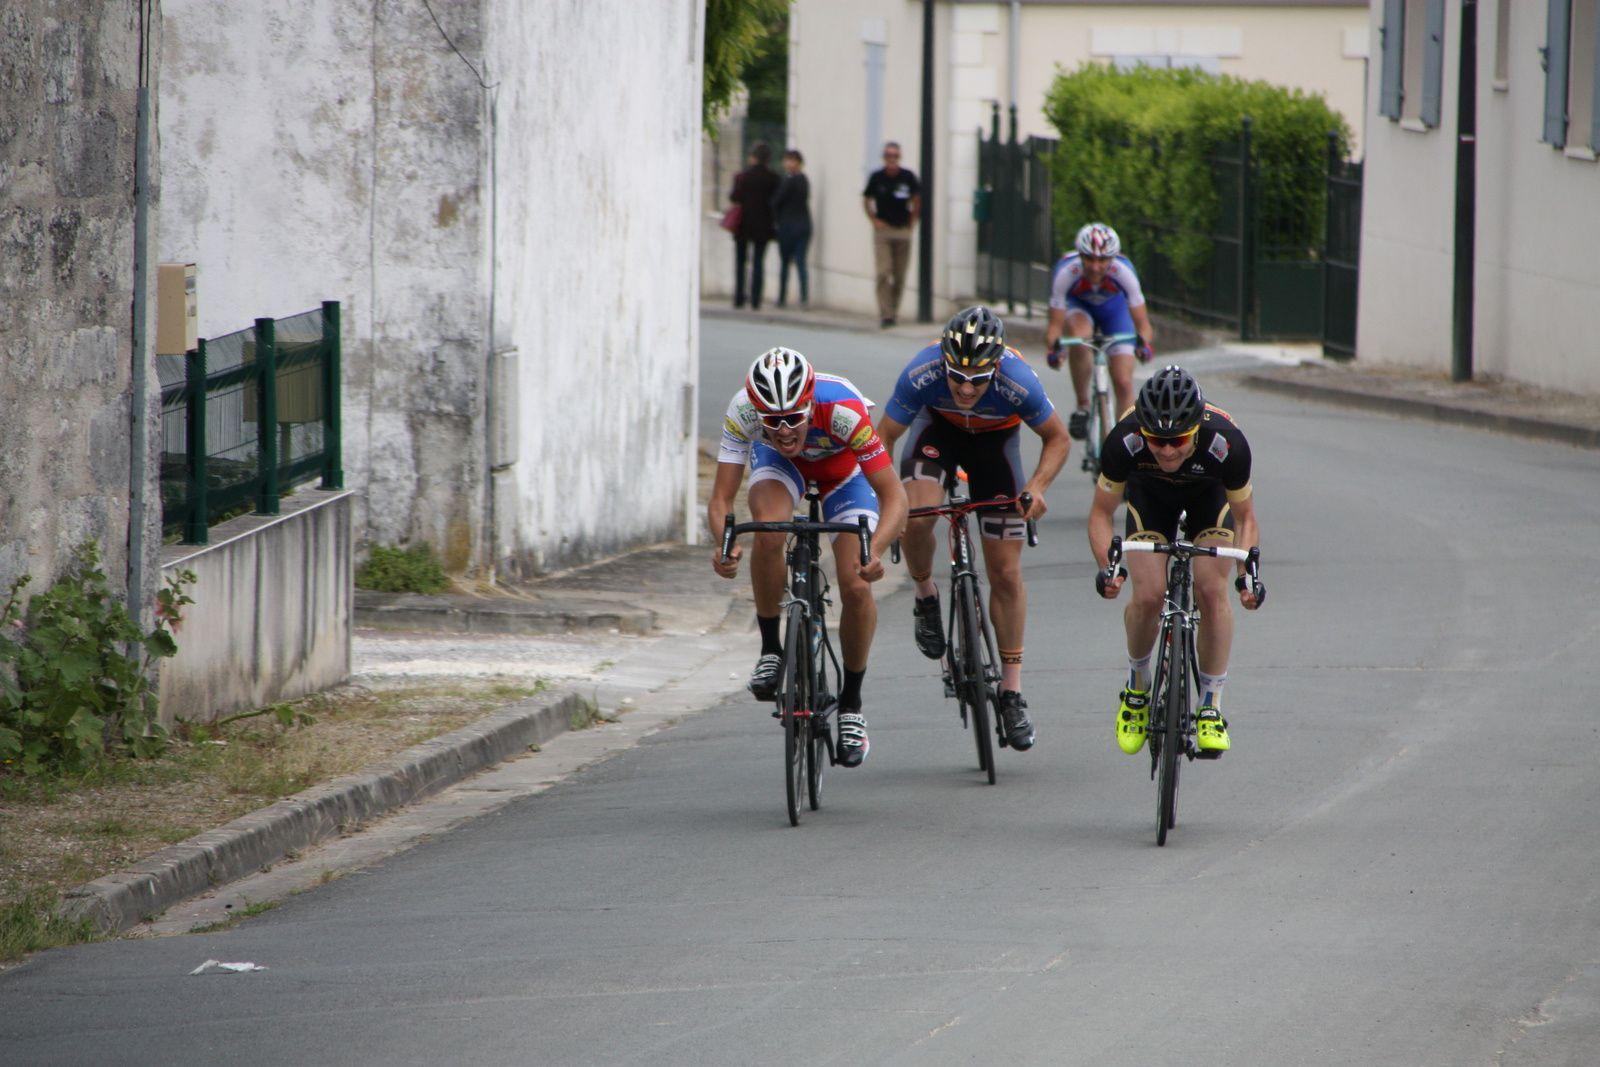 L'arrivée  avec  un  sprint  trés  disputé  entre  les  3  premiers  et  la  3e  victoire  de  la  saison  pour  Clément  LIVERTOUT  qui  accéde  à  la  2e  catégorie